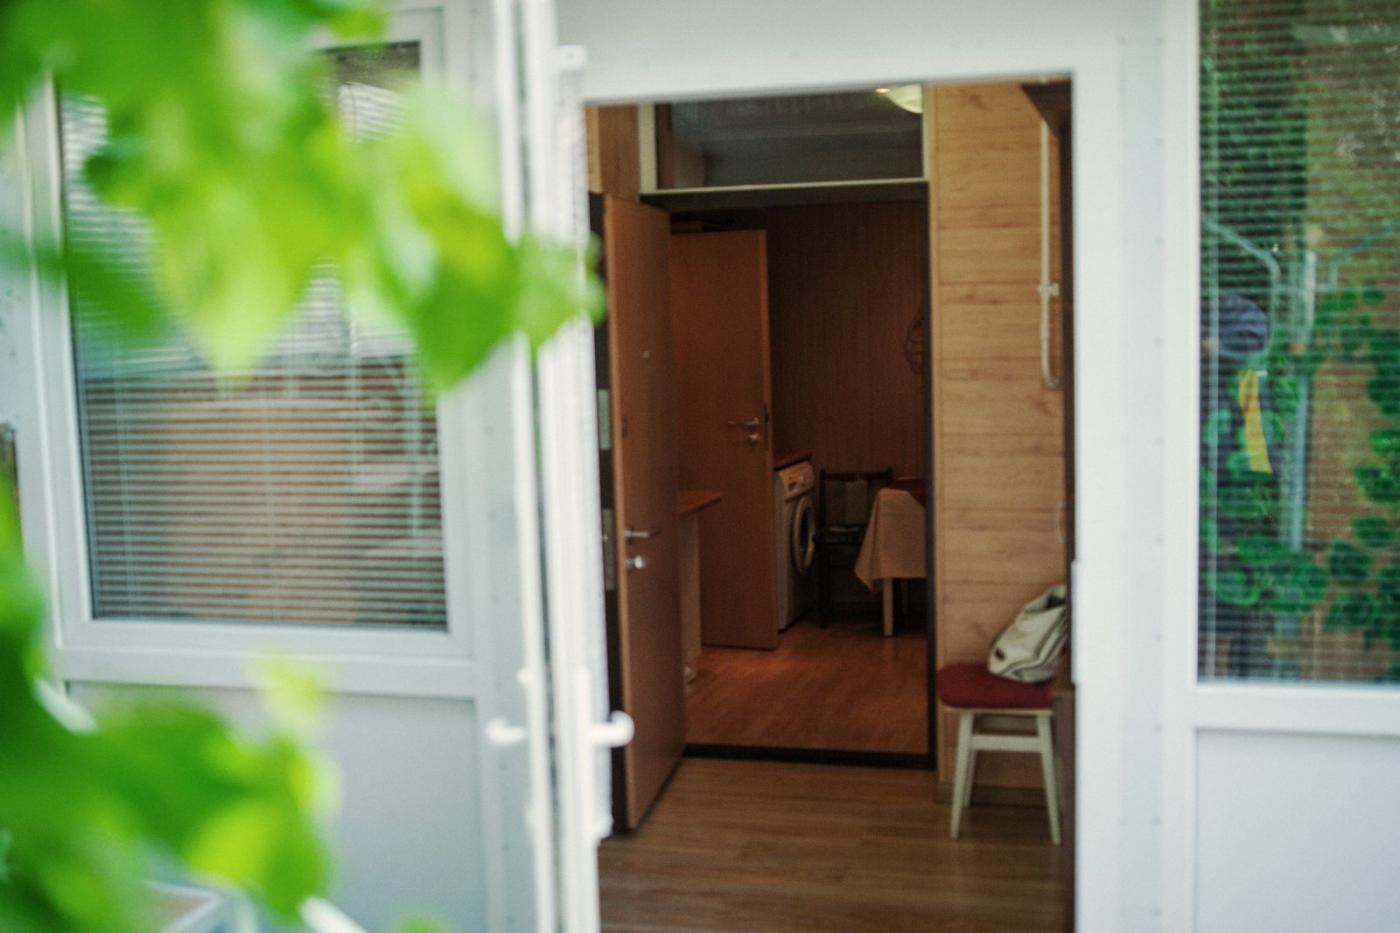 1-комнатная квартира посуточно (вариант № 1537), ул. Ленина улица, фото № 7